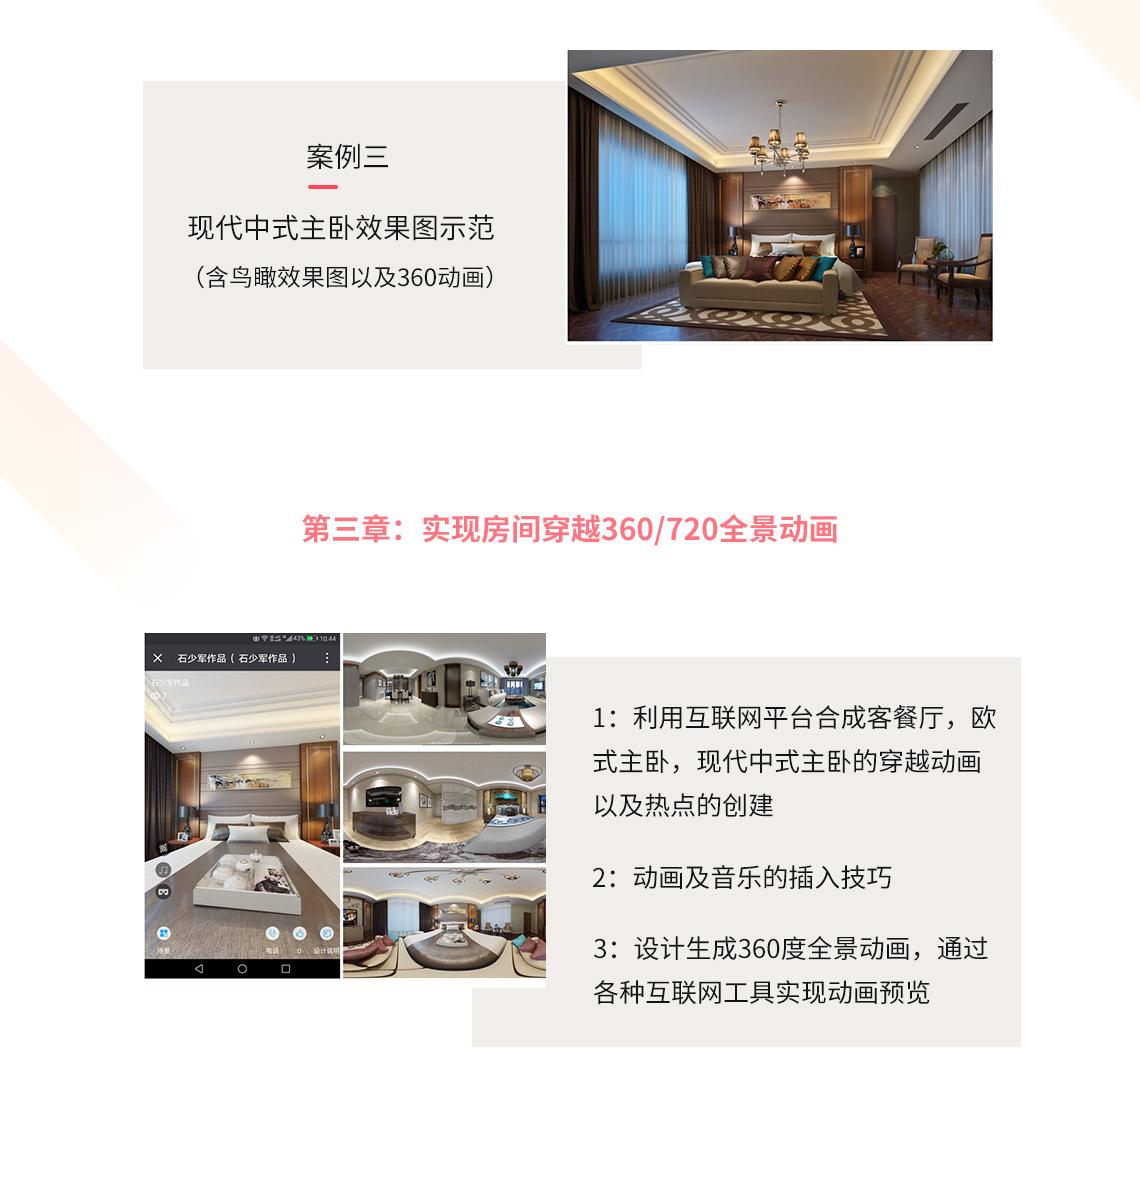 课程内容3,Sketchup,室内效果图设计,室内前期方案设计,Vray渲染器,360全景制作